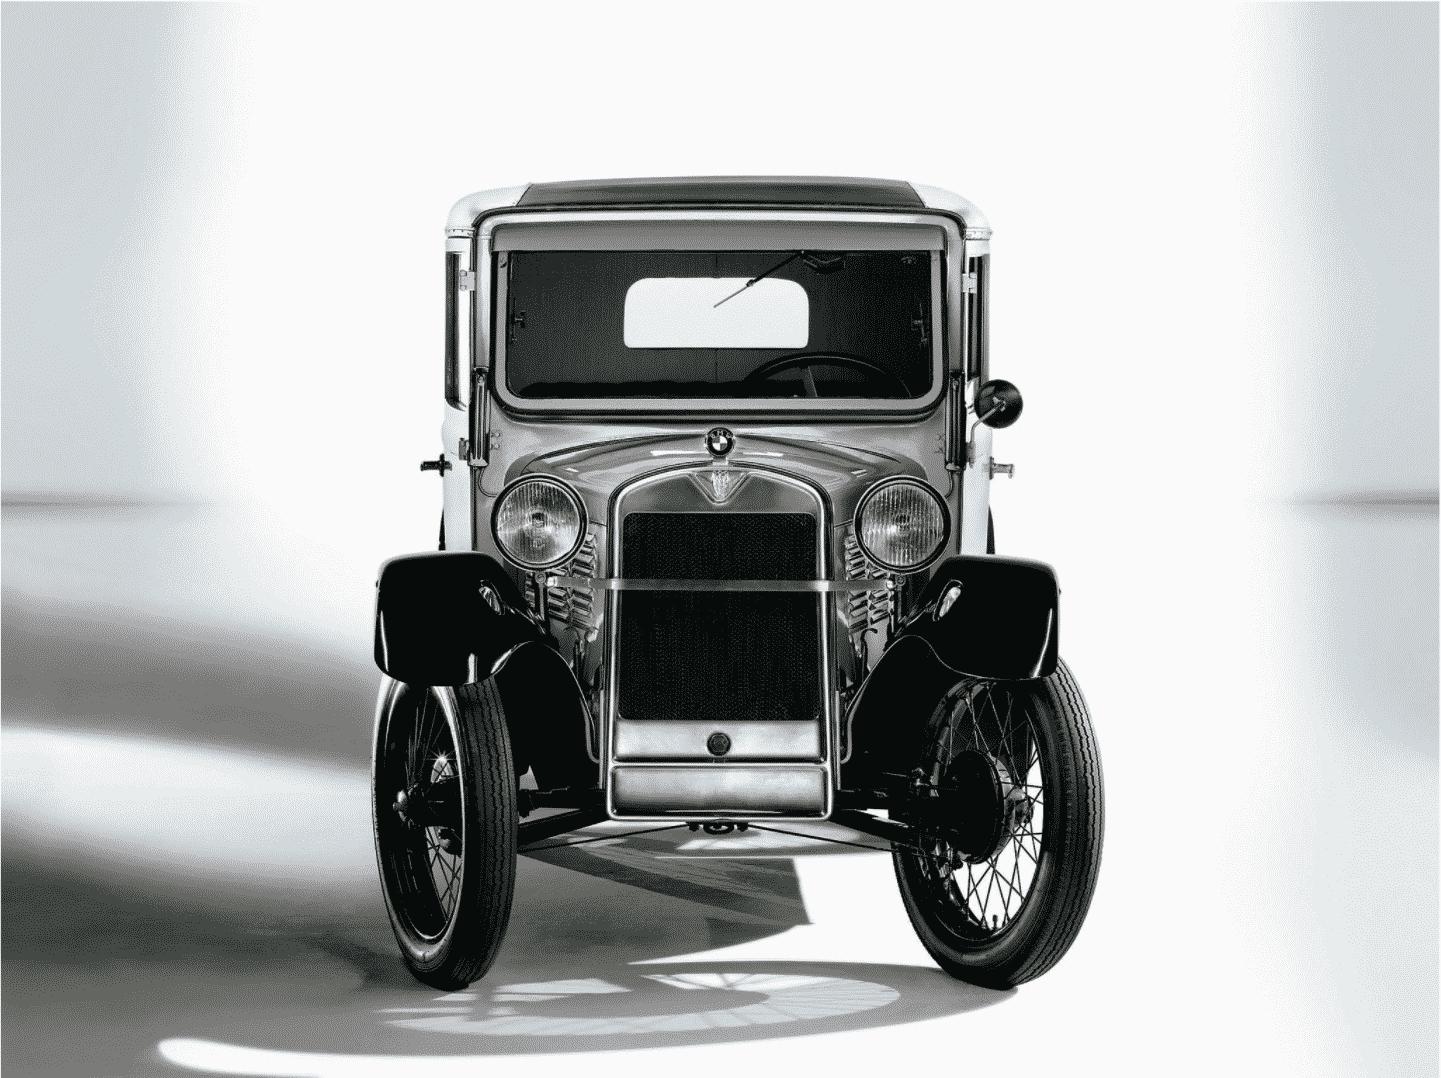 รุ่นรถแรก BMW 3/15 PS Dixi